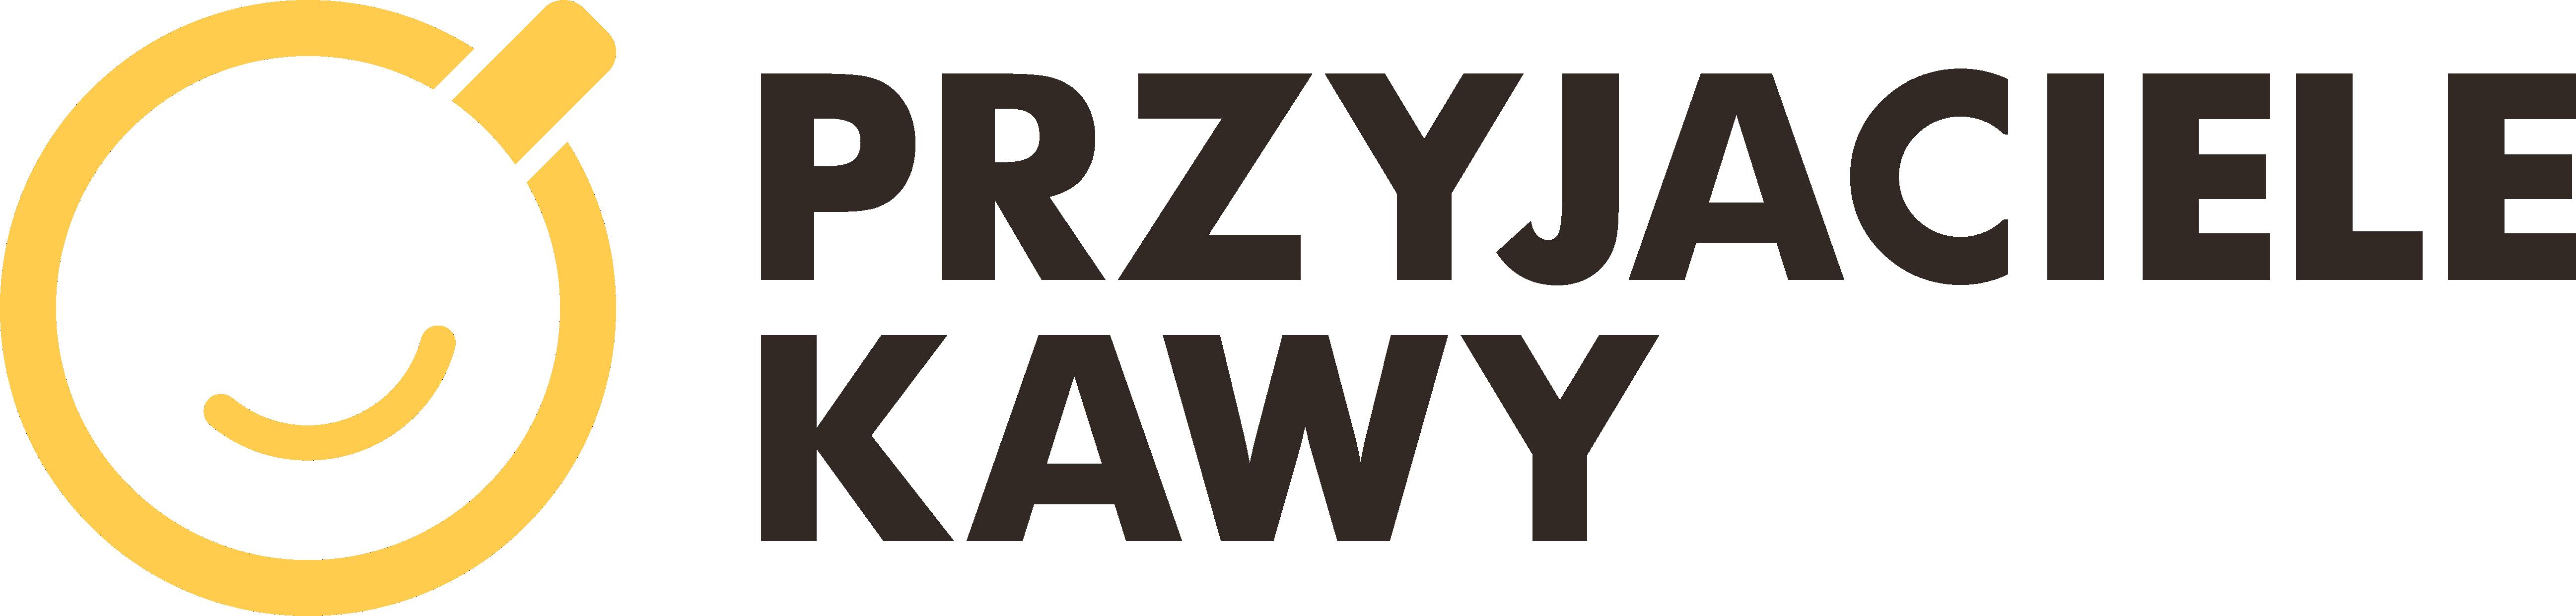 przyjacielekawy.pl_logo__light